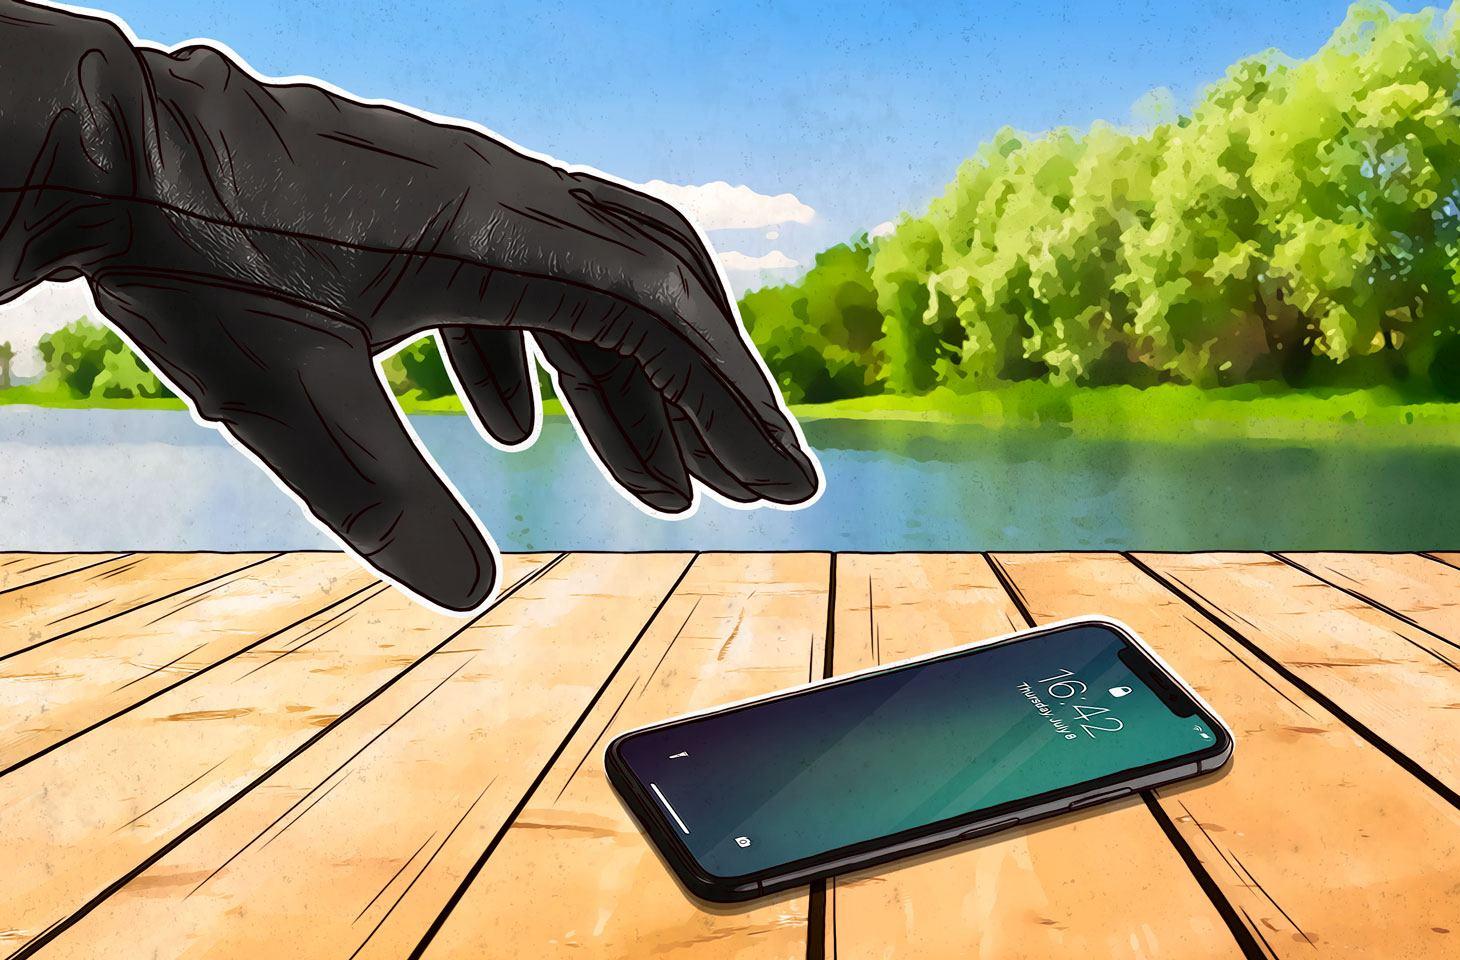 Una nueva estafa pretende desvincular un iPhone robado de la ID de Apple de la víctima para aumentar su valor